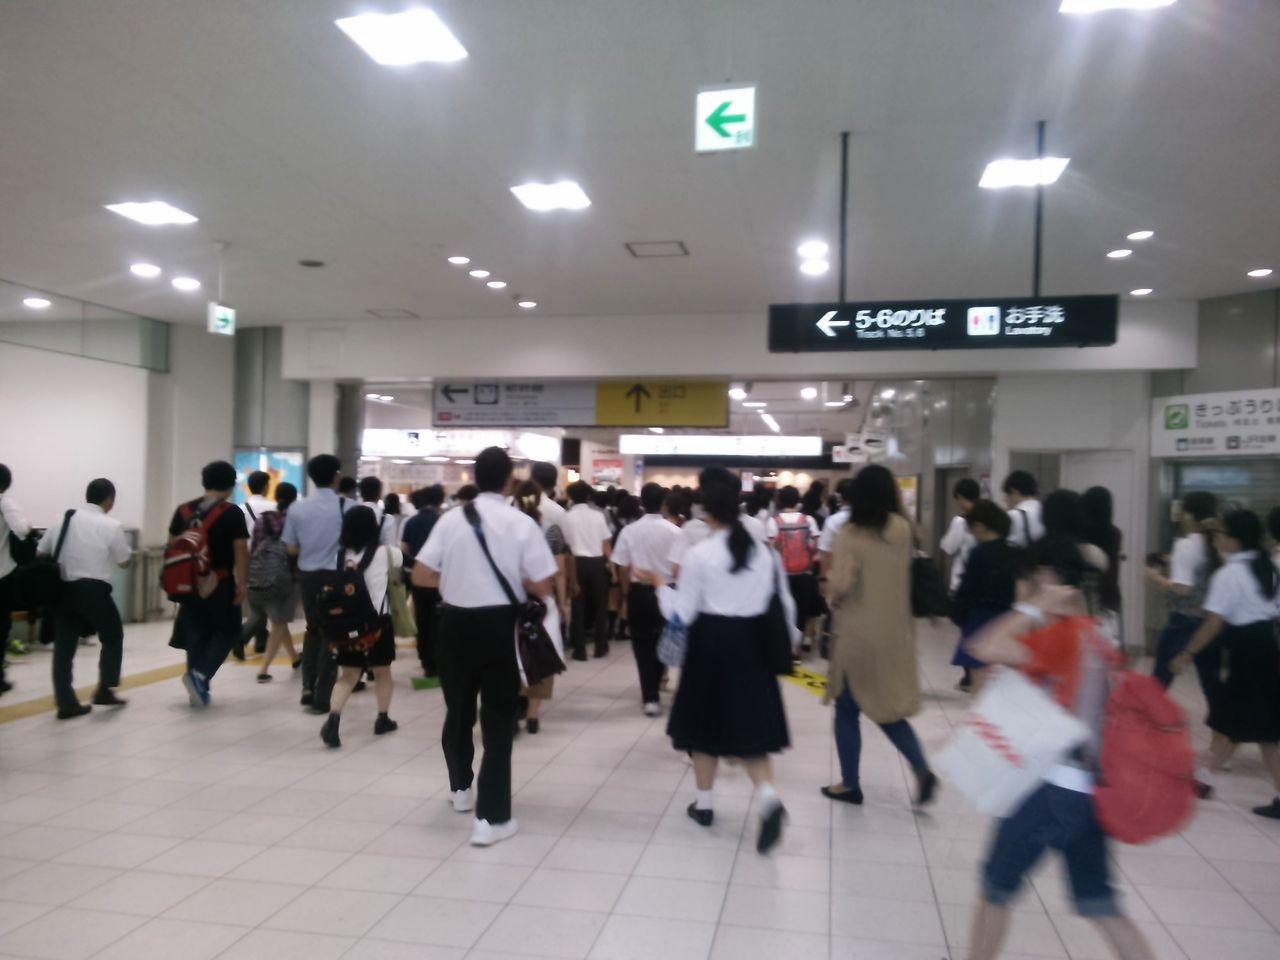 国分 駅 鹿児島 駅 から 中央